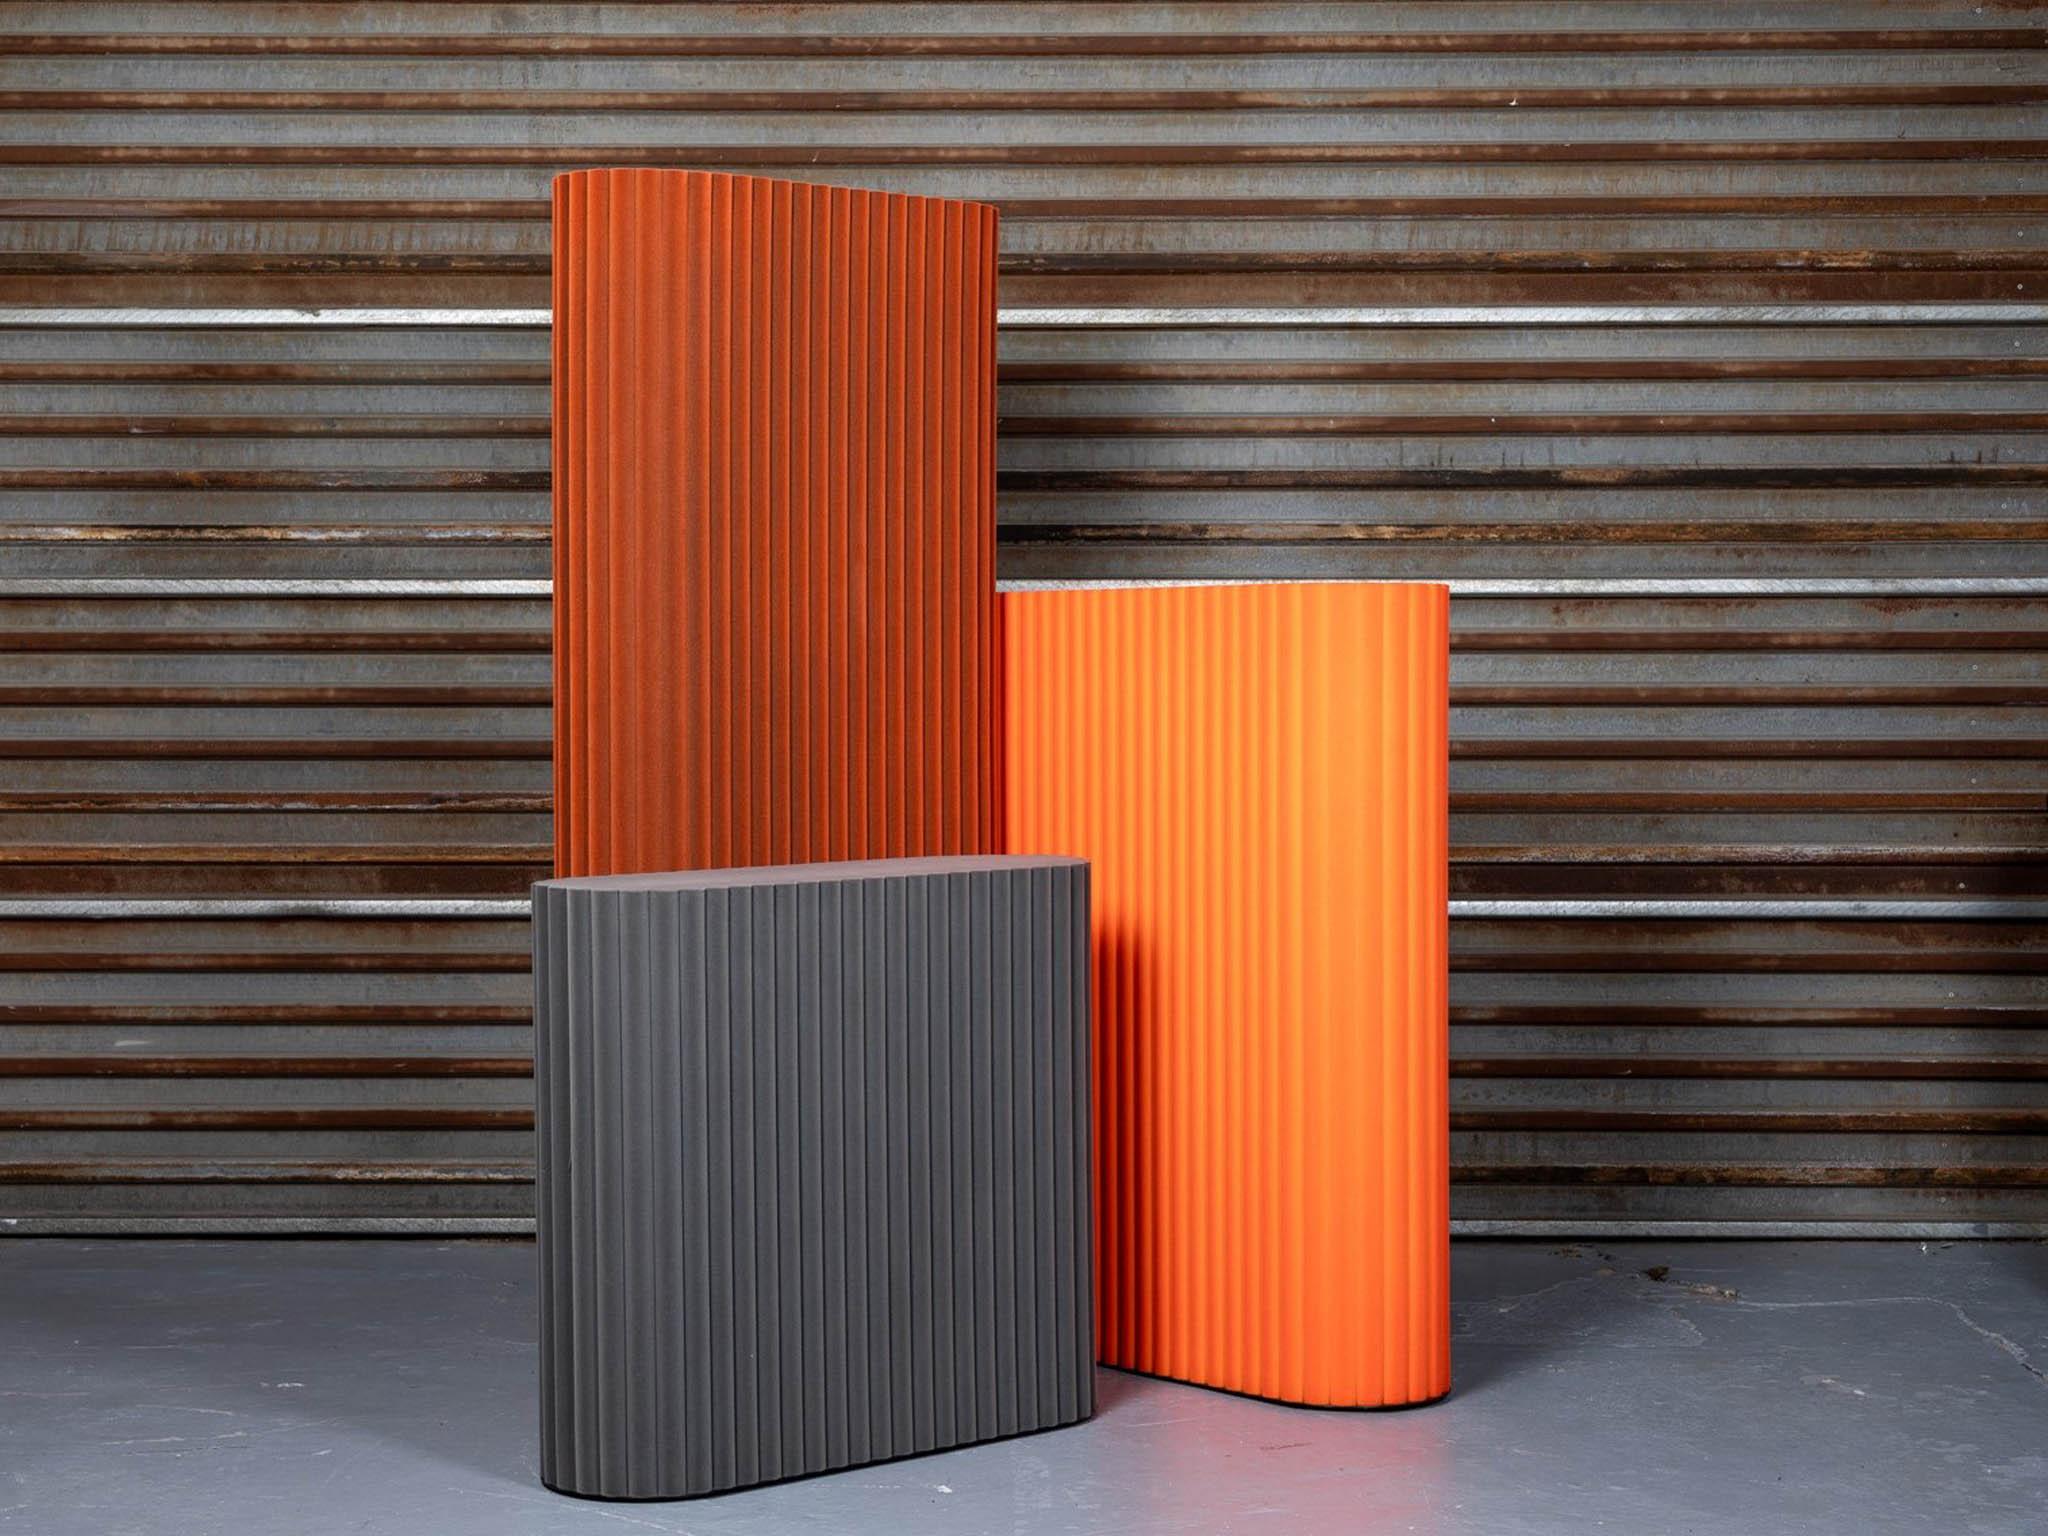 Utlumení nežádoucího hluku zejména v kancelářských prostorách zvládá akustický systém Silent Lab.